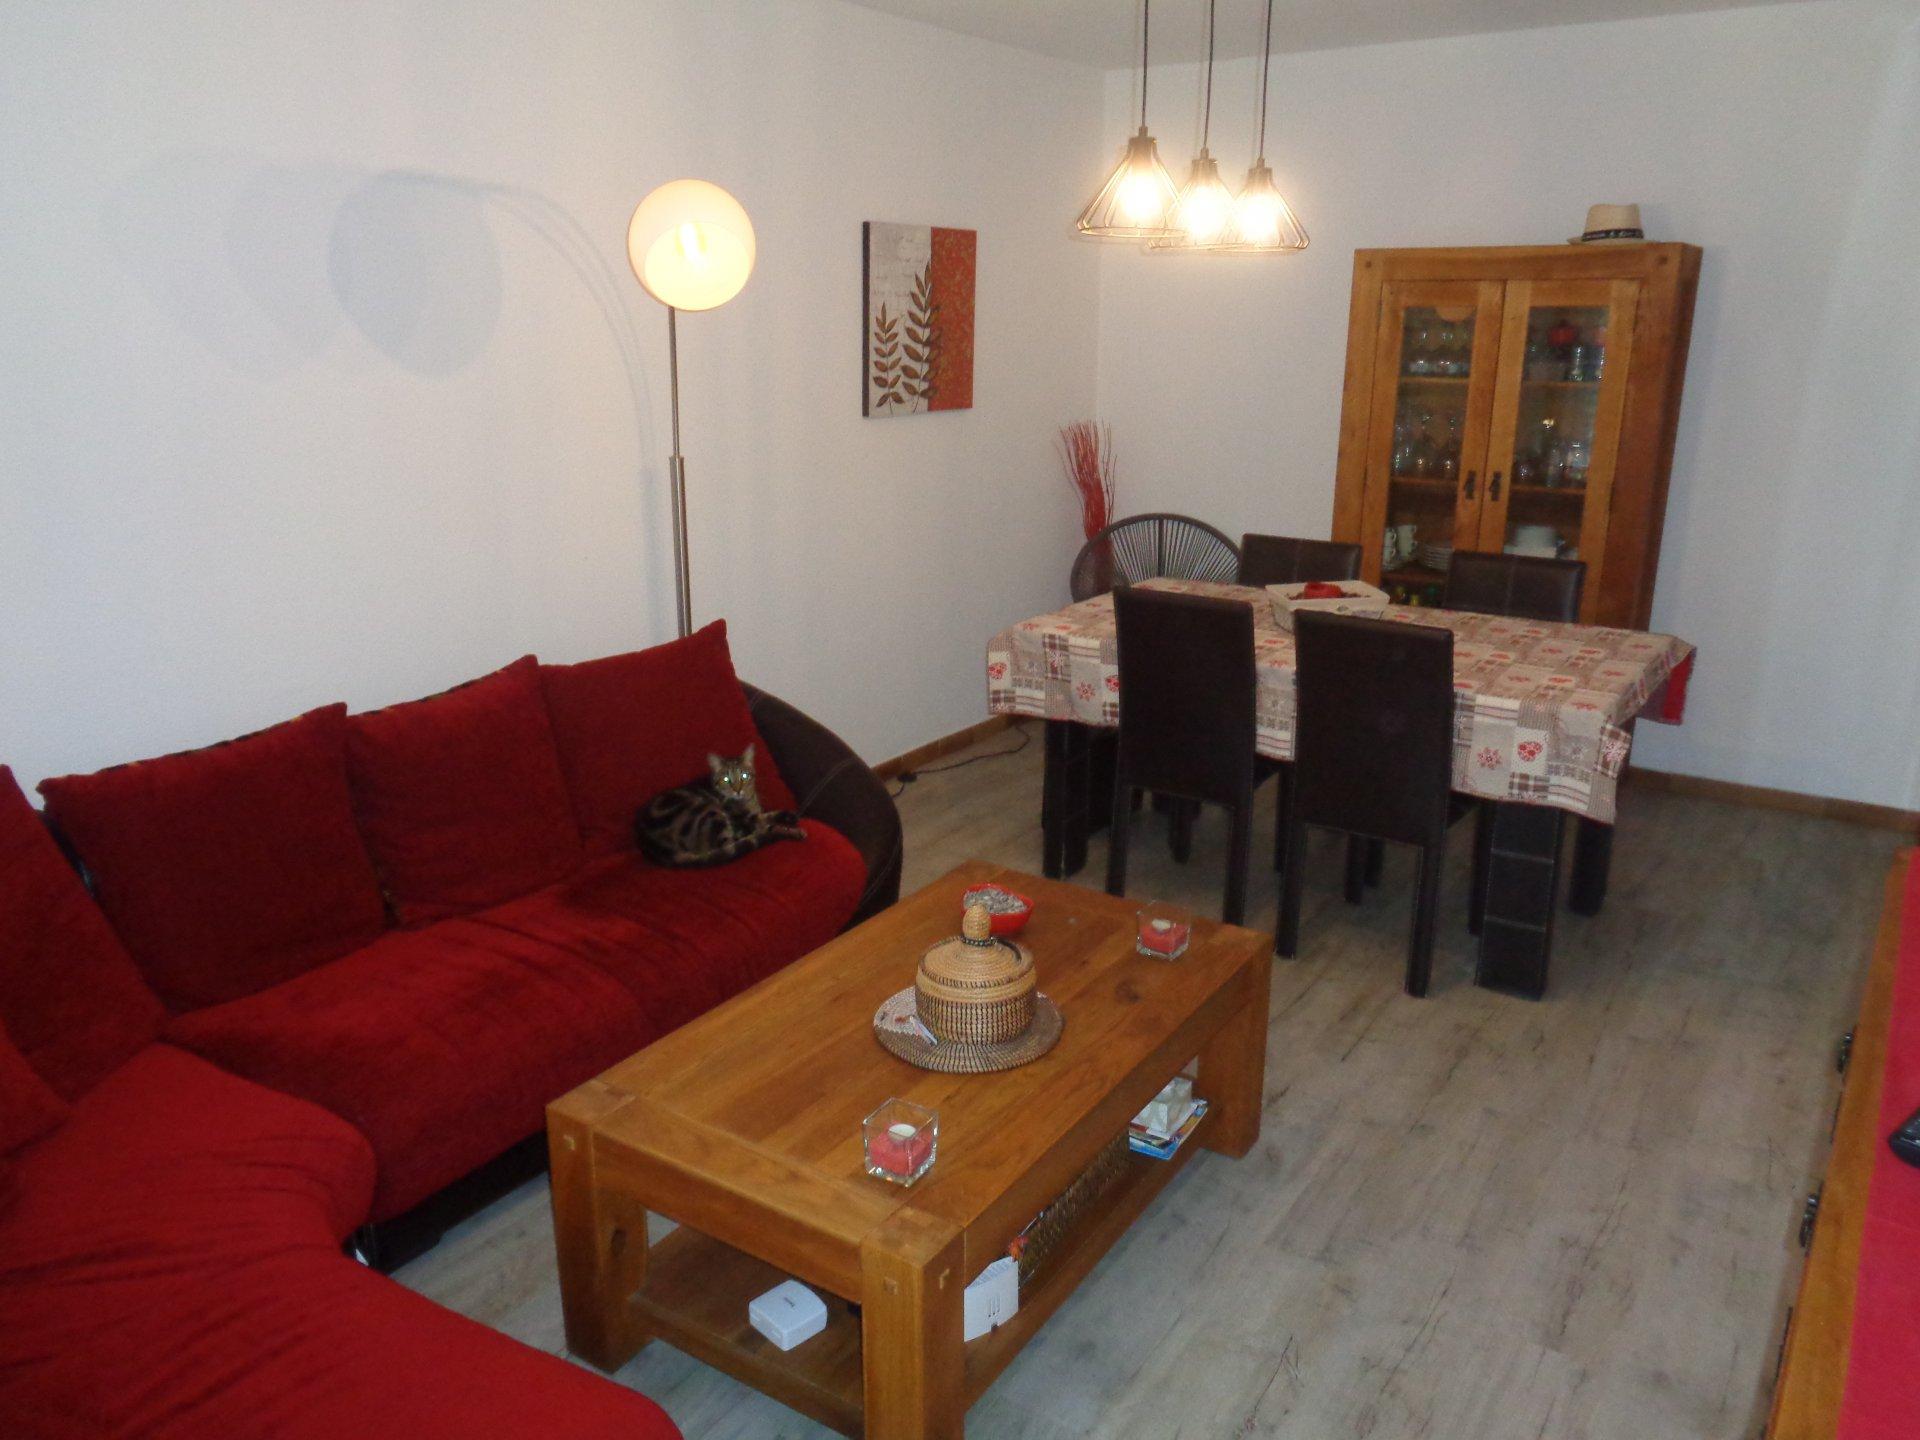 Vente Appartement TARASCON surface habitable de 58 m²